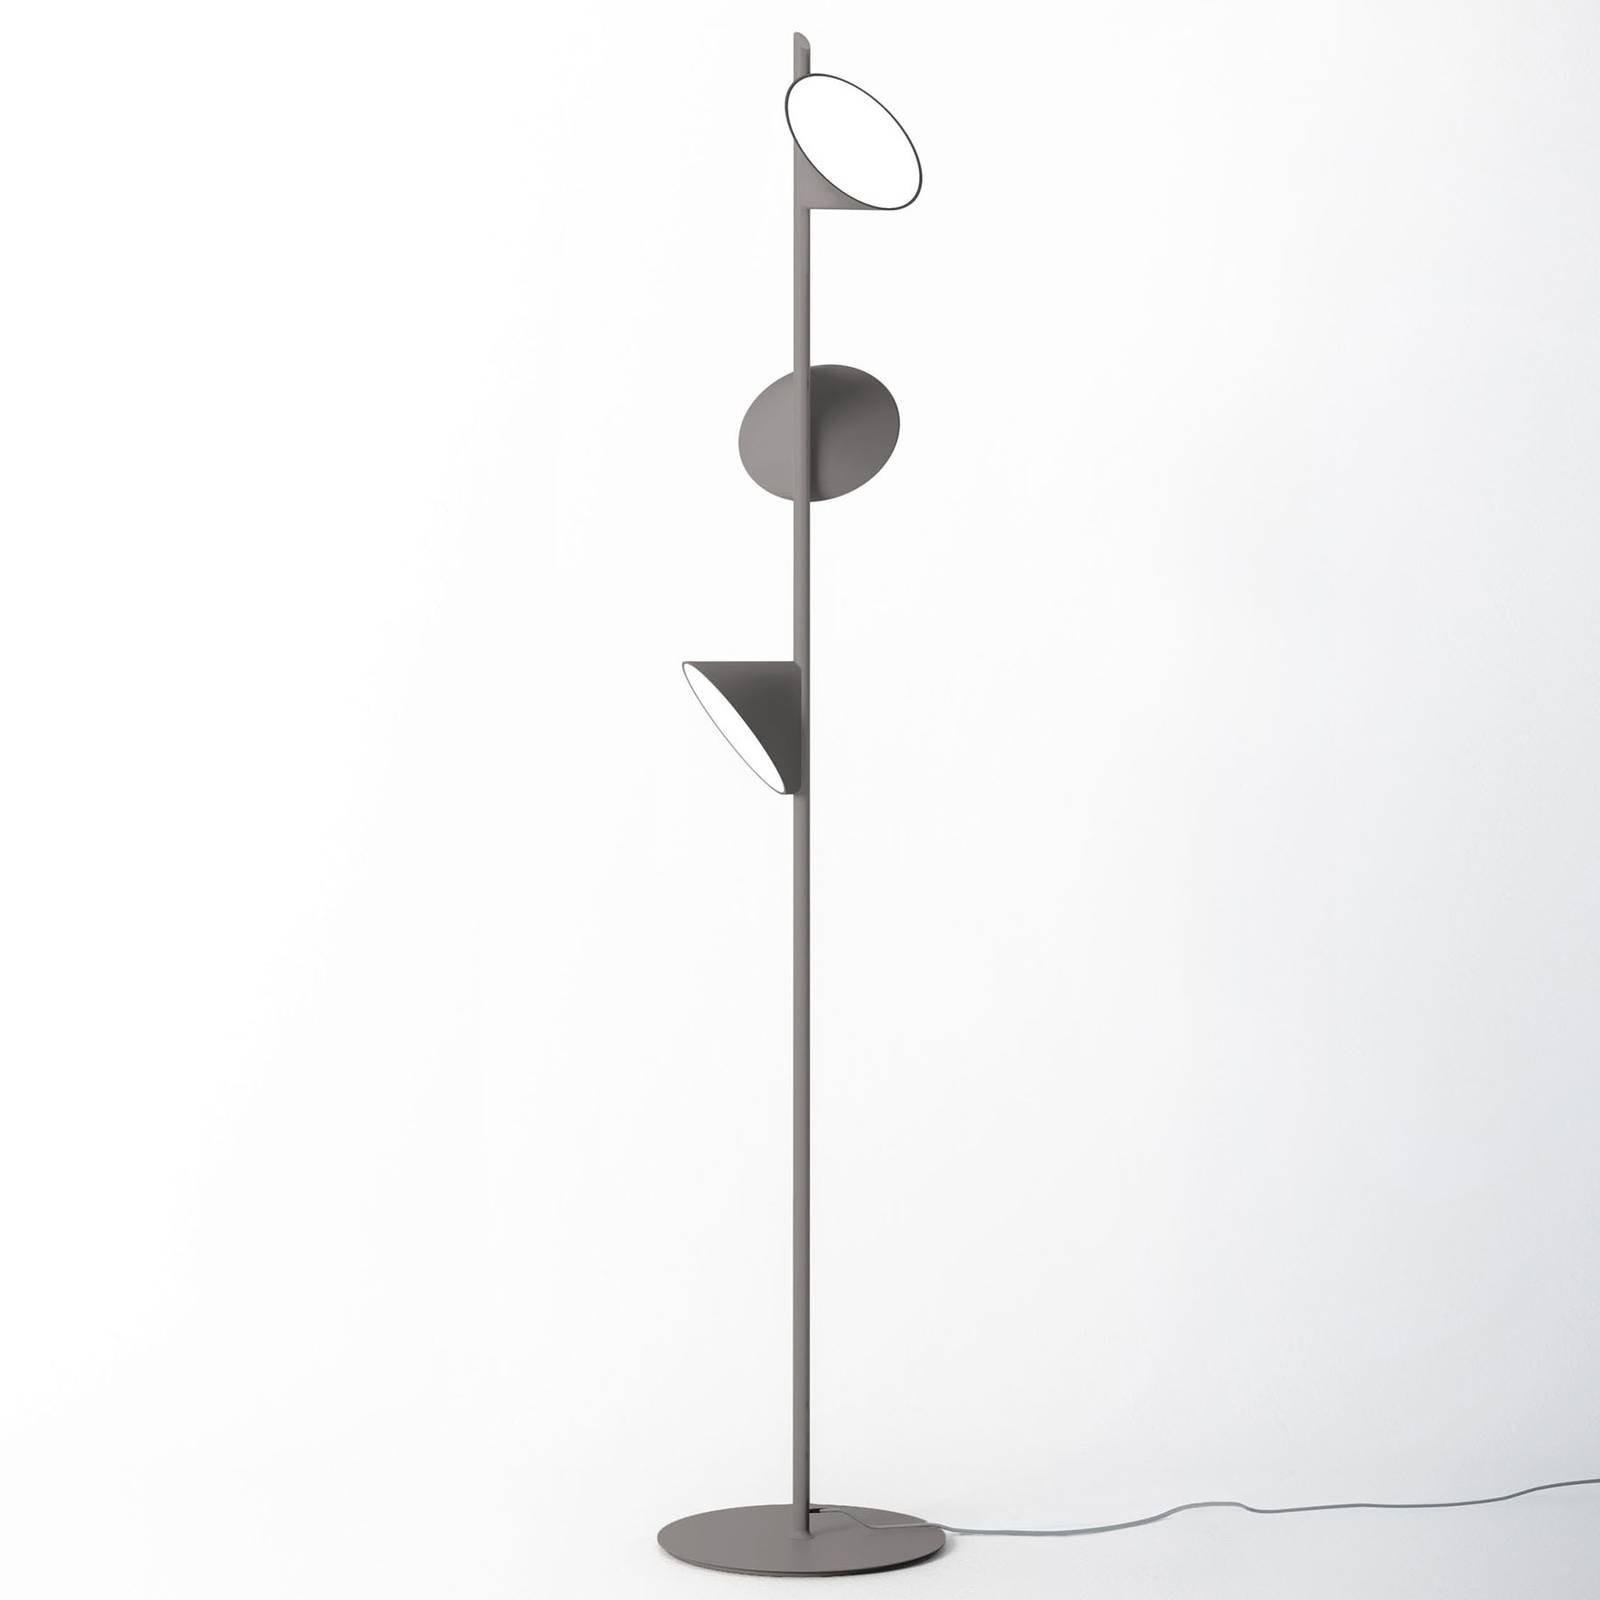 Axolight Orchid LED-gulvlampe, mørkegrå